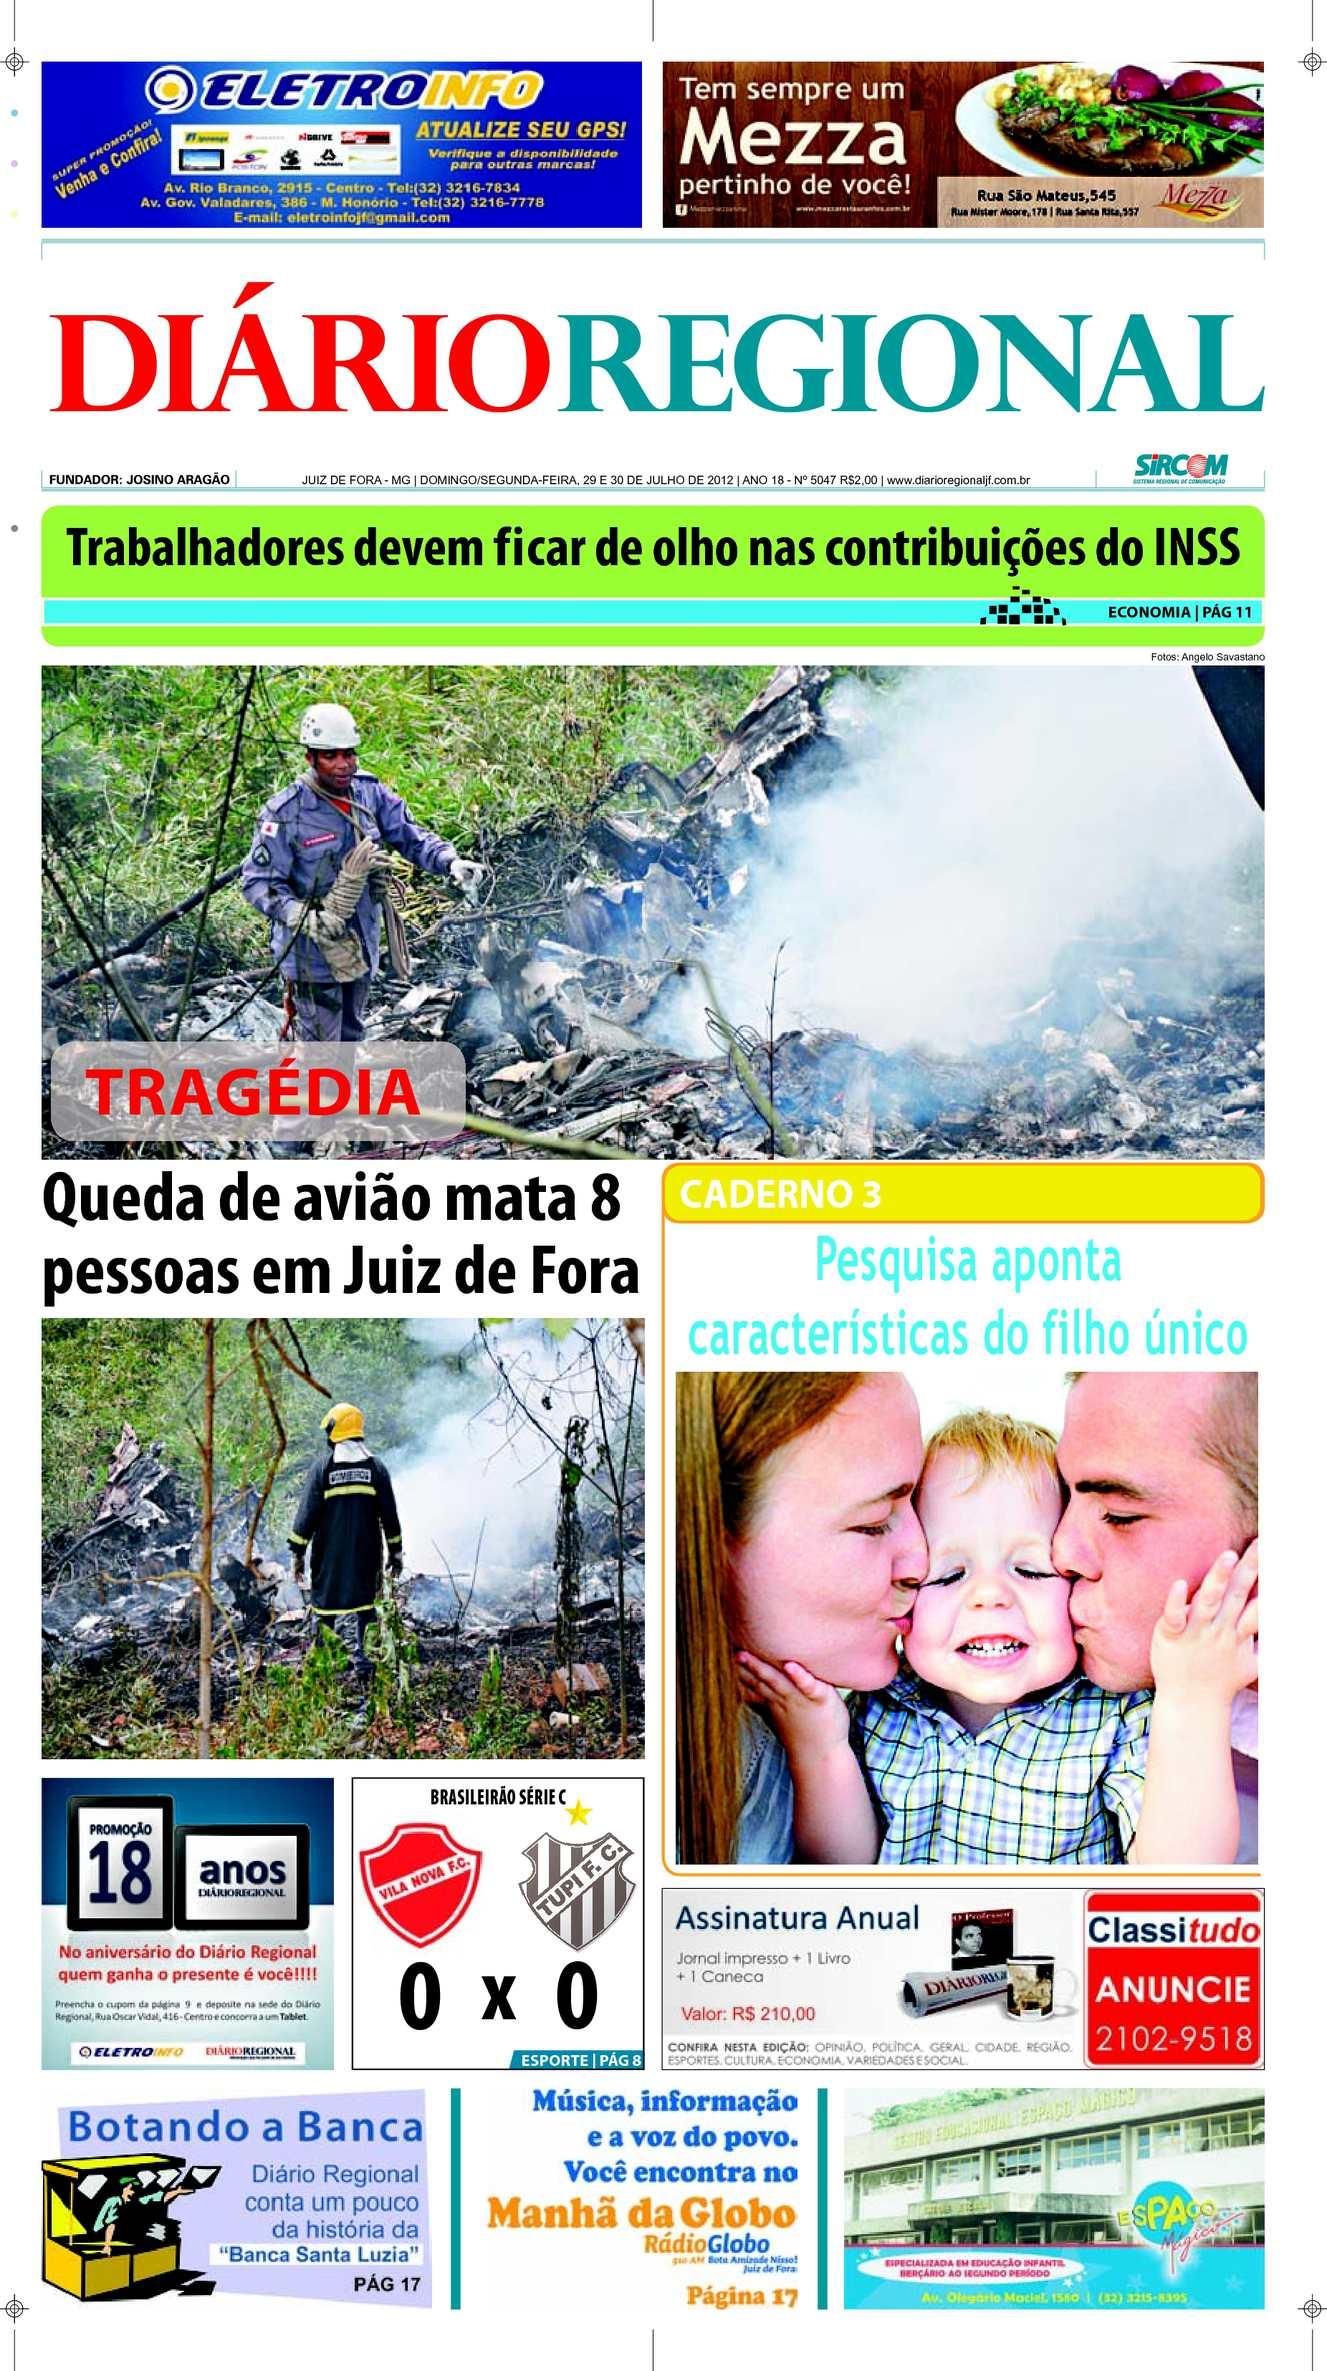 c0d0a9f70 Calaméo - Edição 29 e 30 07 2012